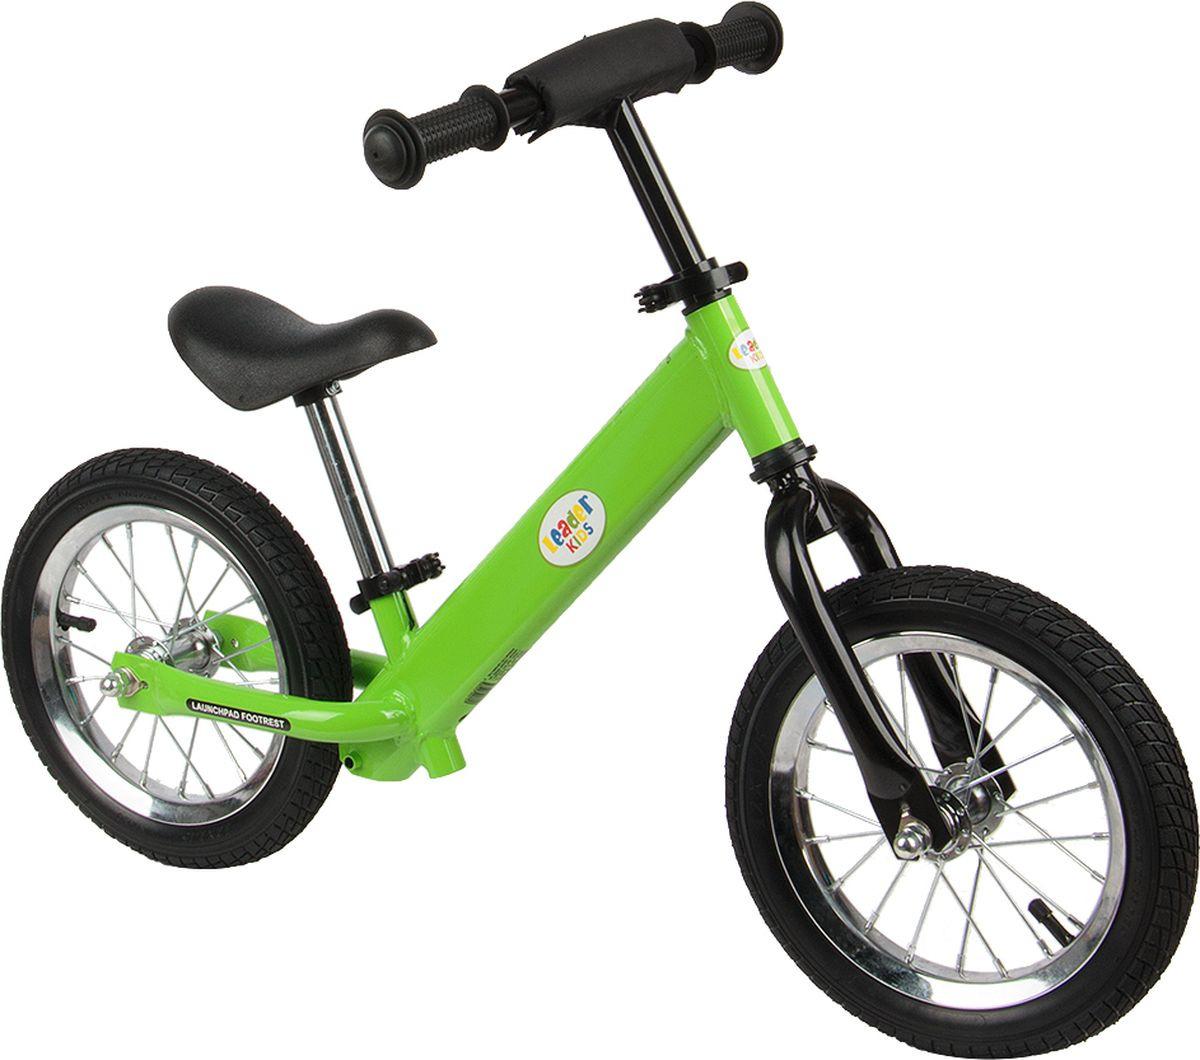 Беговел Leader Kids 336, зеленый автокресло leader kids вояж до 13 кг цвет черный зеленый